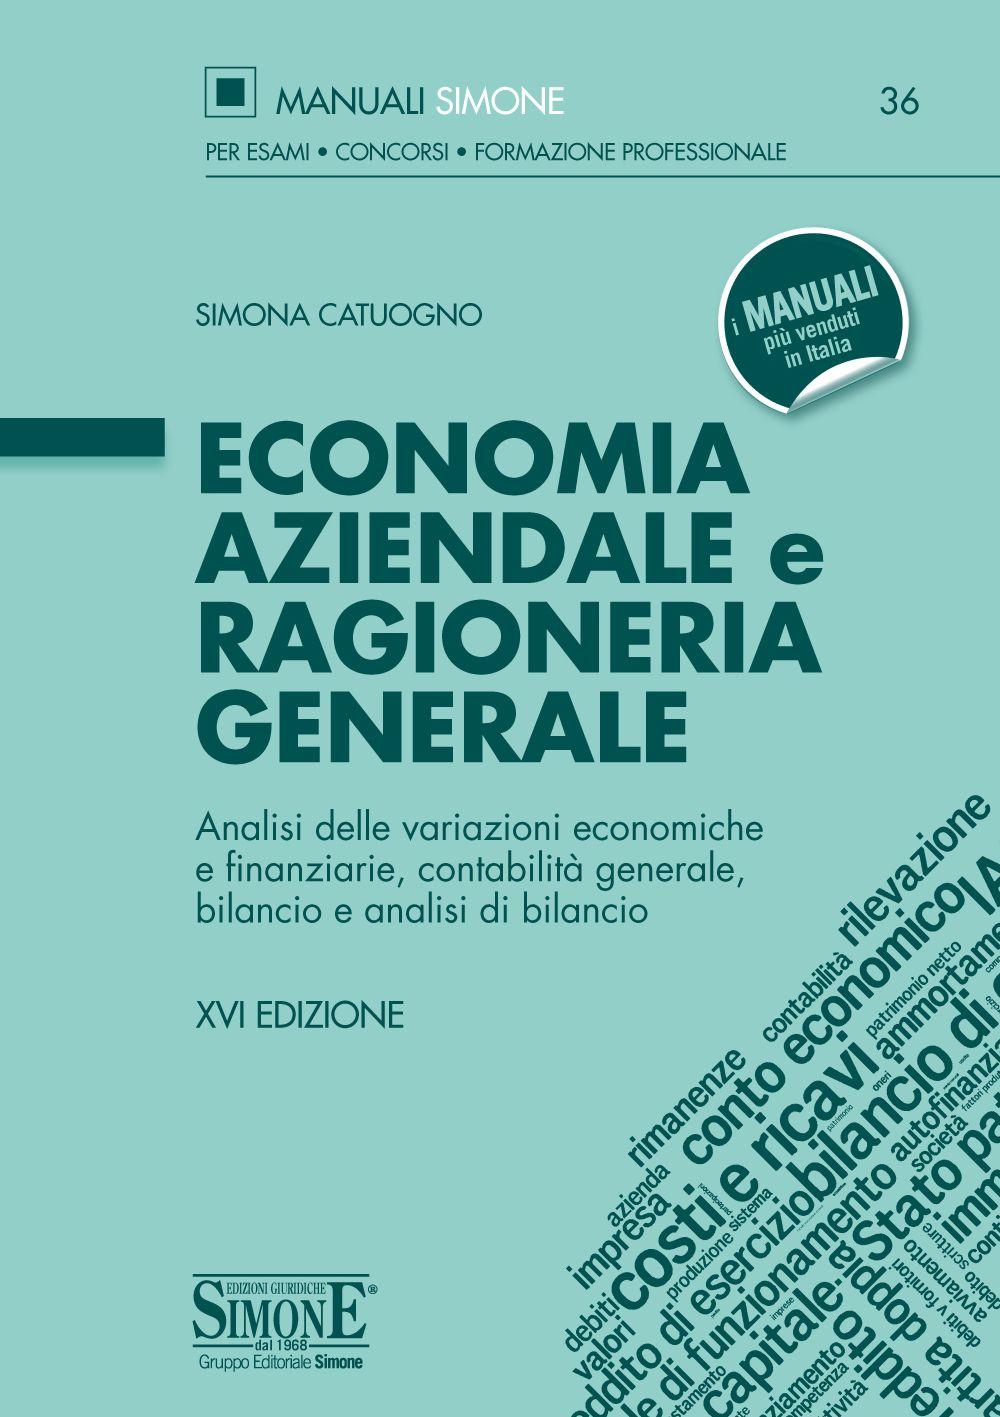 Manuale di Economia aziendale e Ragioneria generale